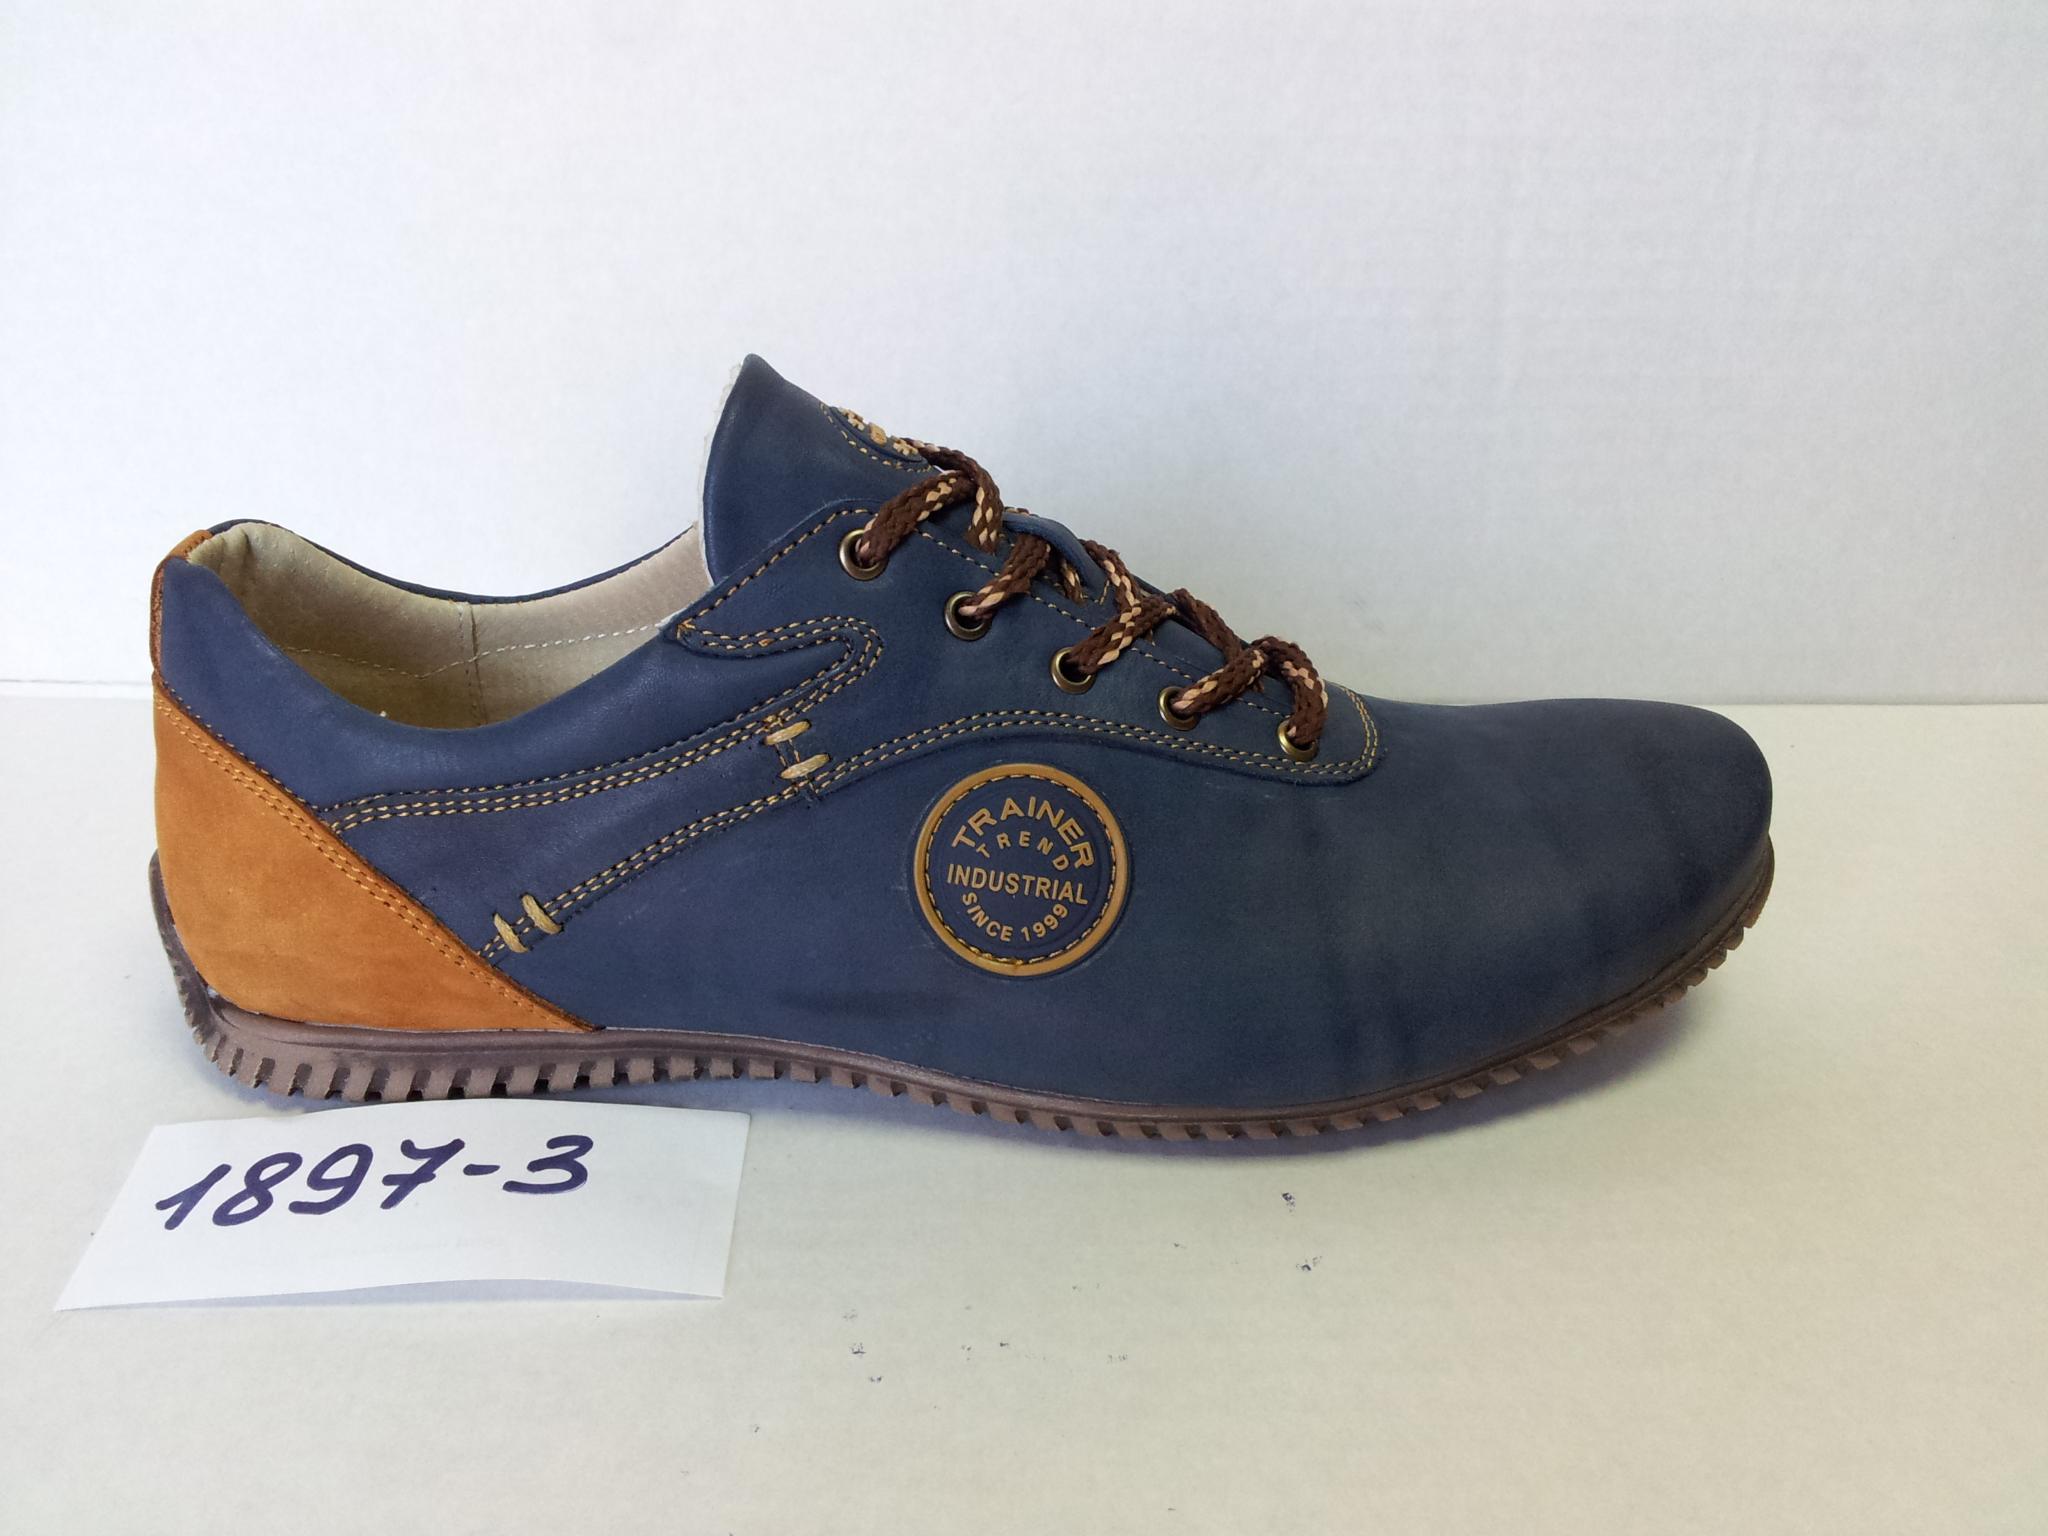 Сбор заказов. Мужская обувь из натуральных материалов- все по 1400! Порадуем наших мужчин!